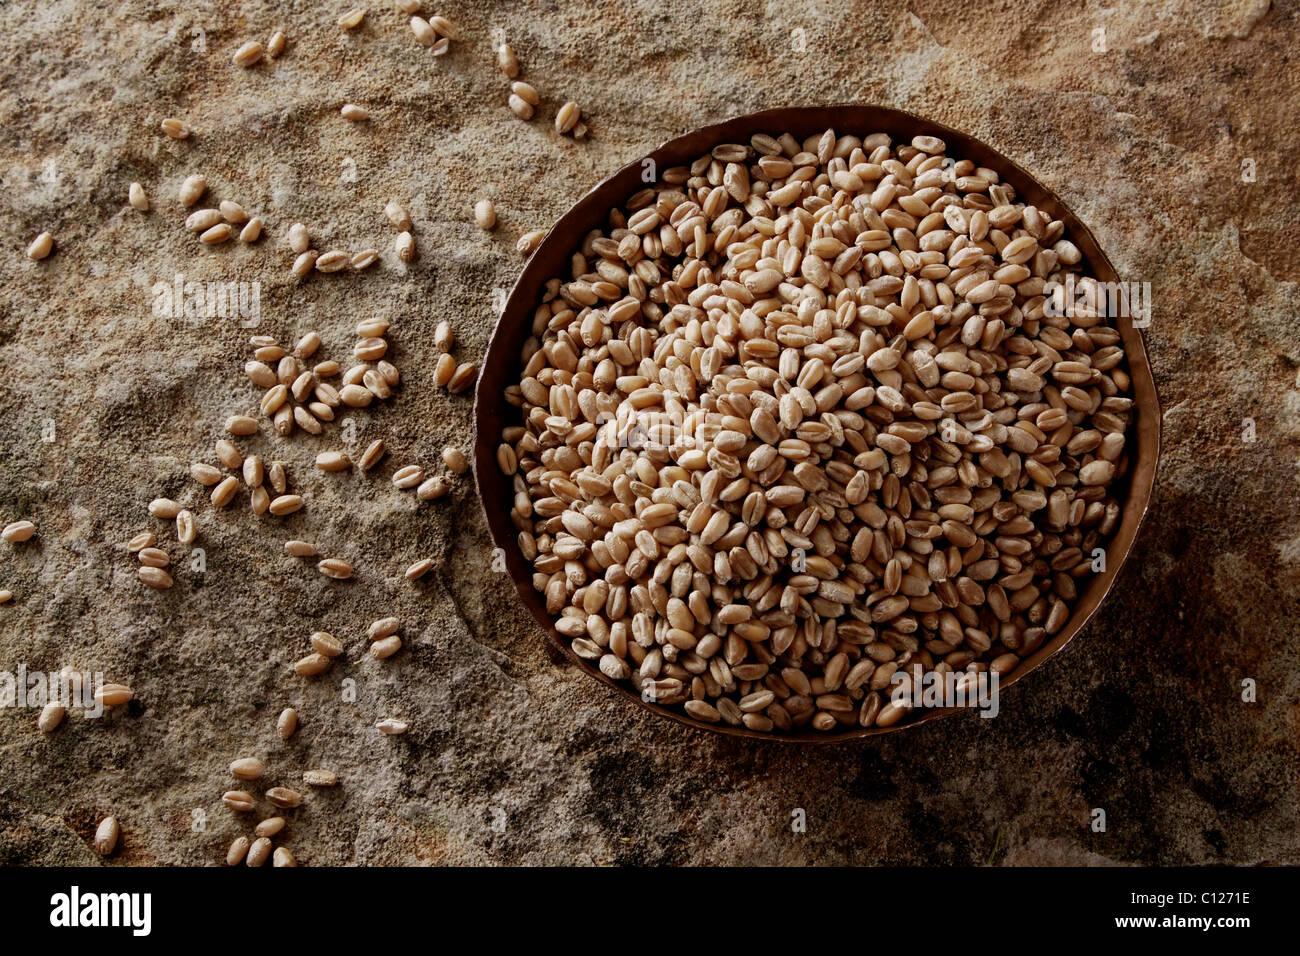 Los granos de trigo (Triticum) en un recipiente de cobre sobre una superficie de piedra Imagen De Stock